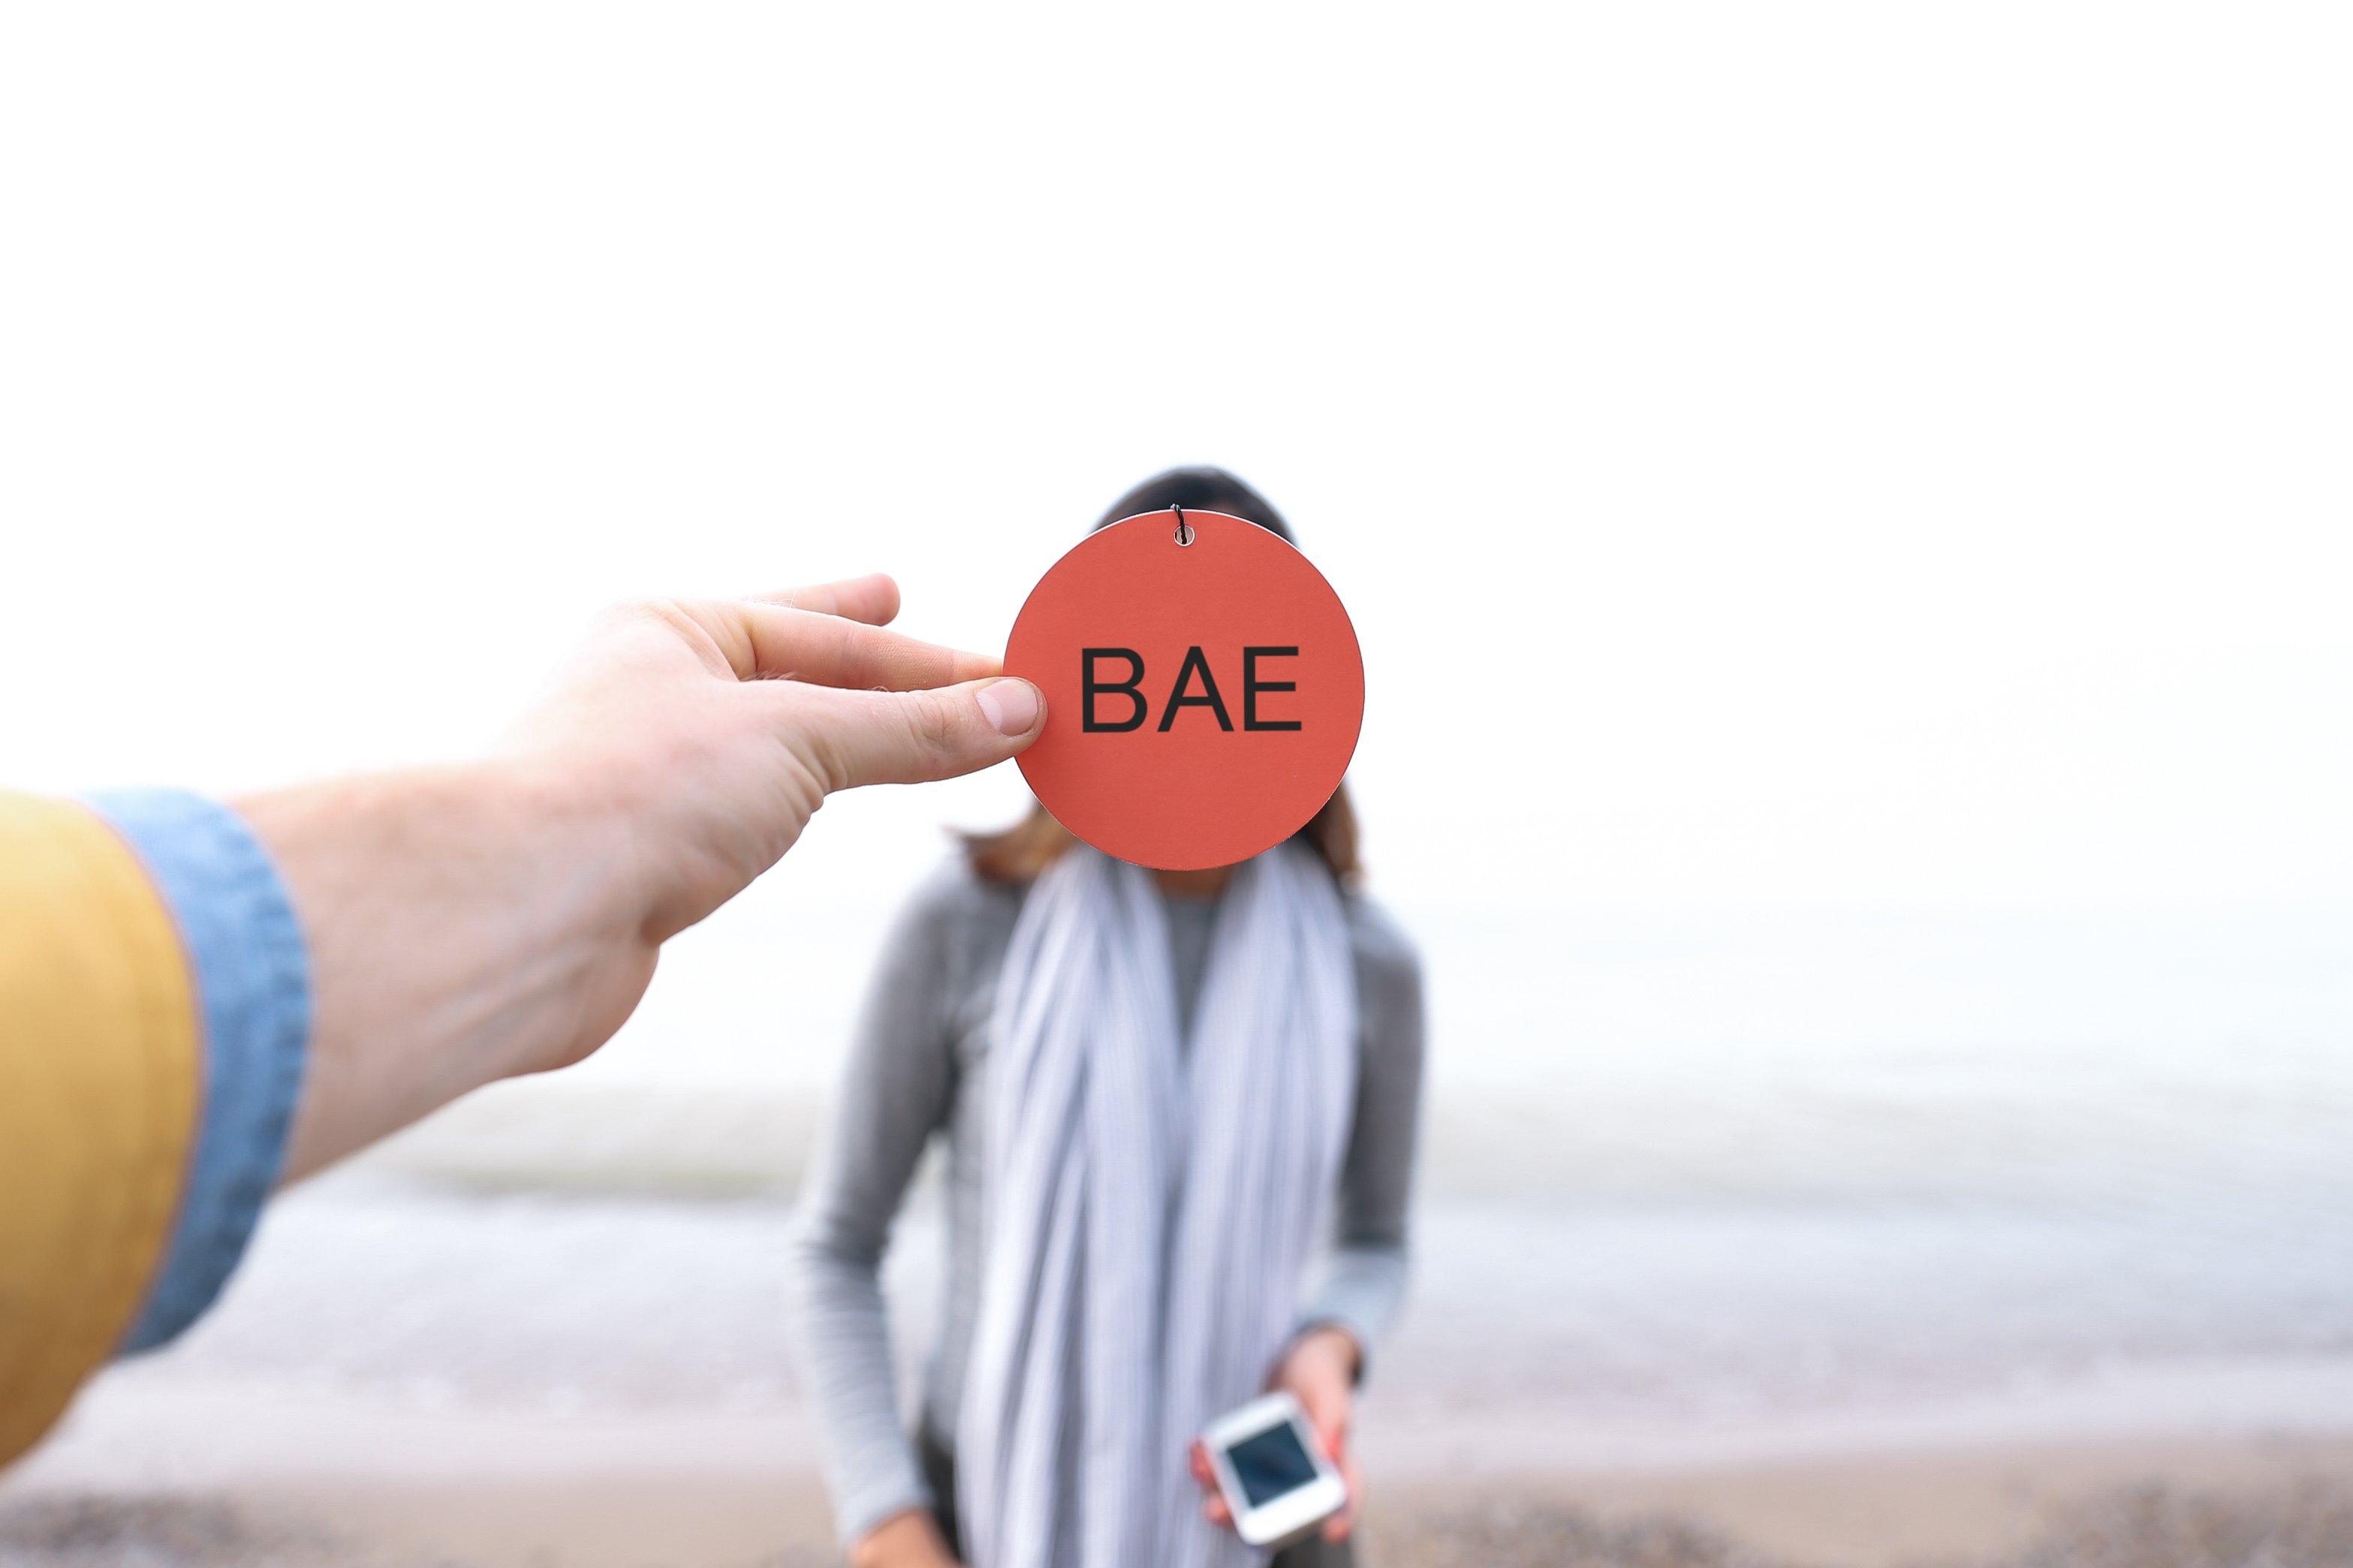 Adventures in Online Dating